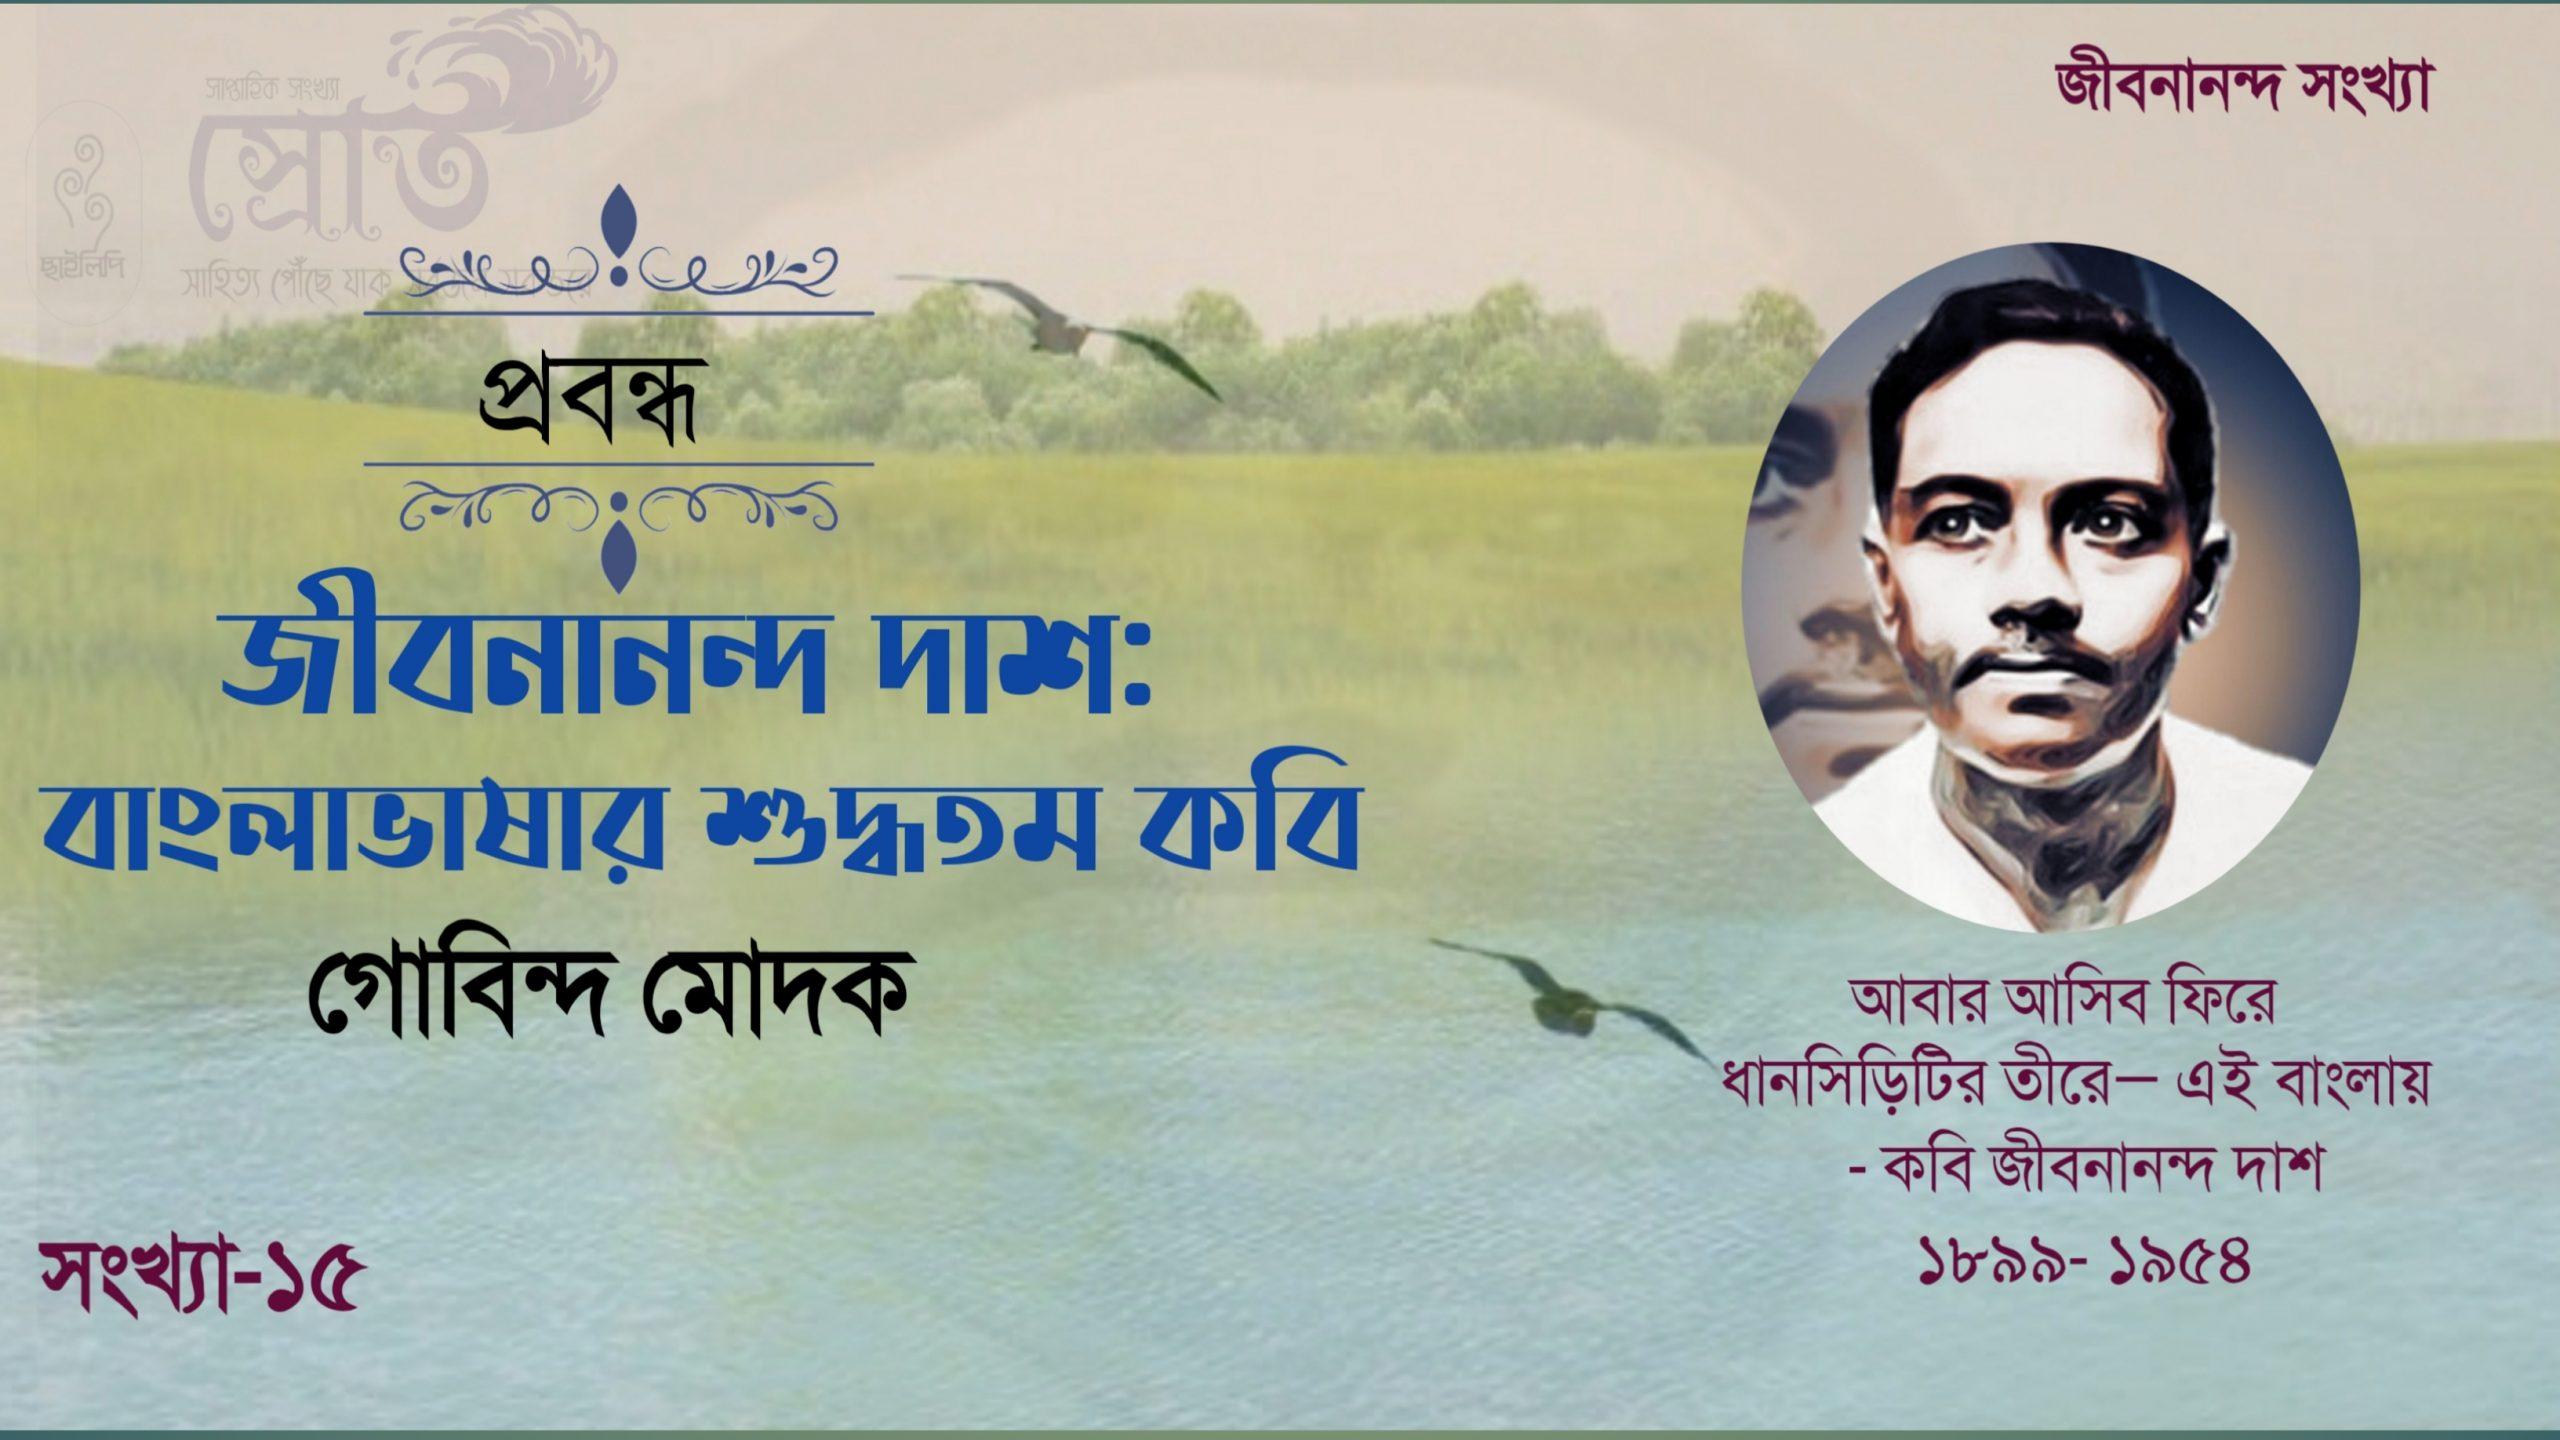 জীবনানন্দ দাশ : বাংলাভাষার শুদ্ধতম কবি